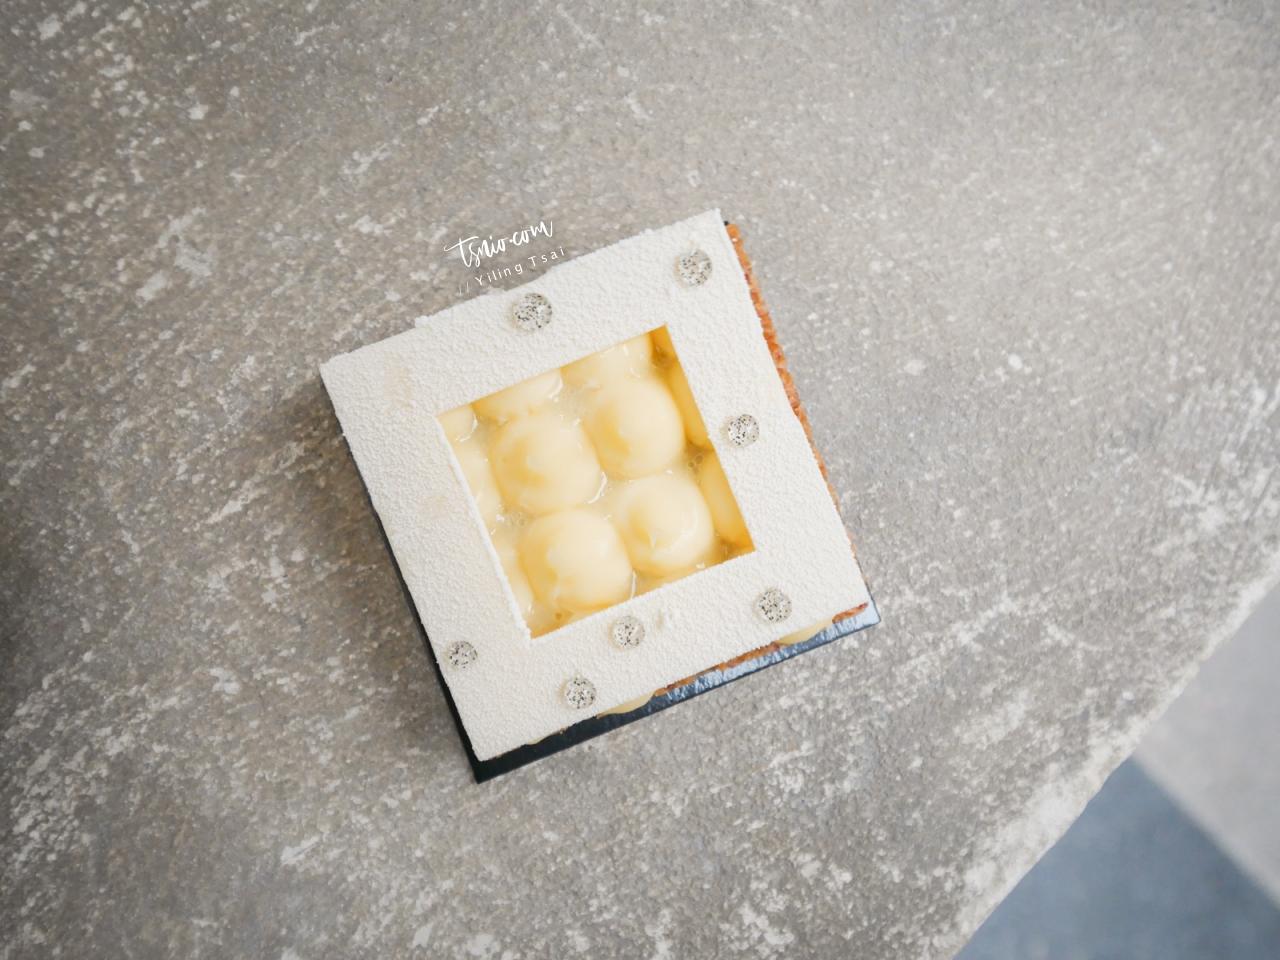 法國巴黎甜點推薦 La Pâtisserie Cyril Lignac 全方位主廚美味甜點 Baba